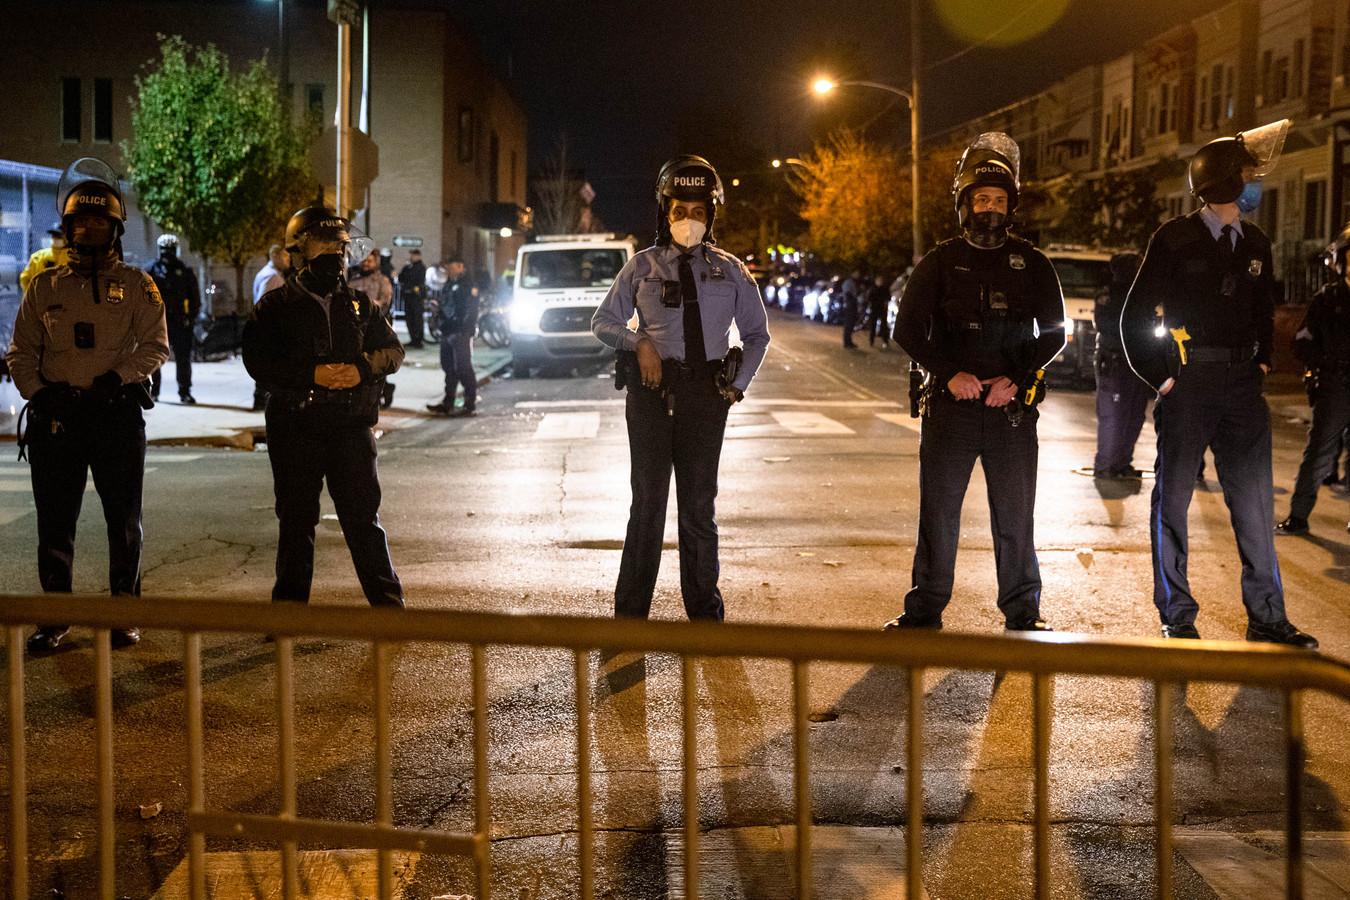 Politieagenten bewaken een politiebureau in Philadelphia tijdens de avondklok die donderdag gold in de stad.